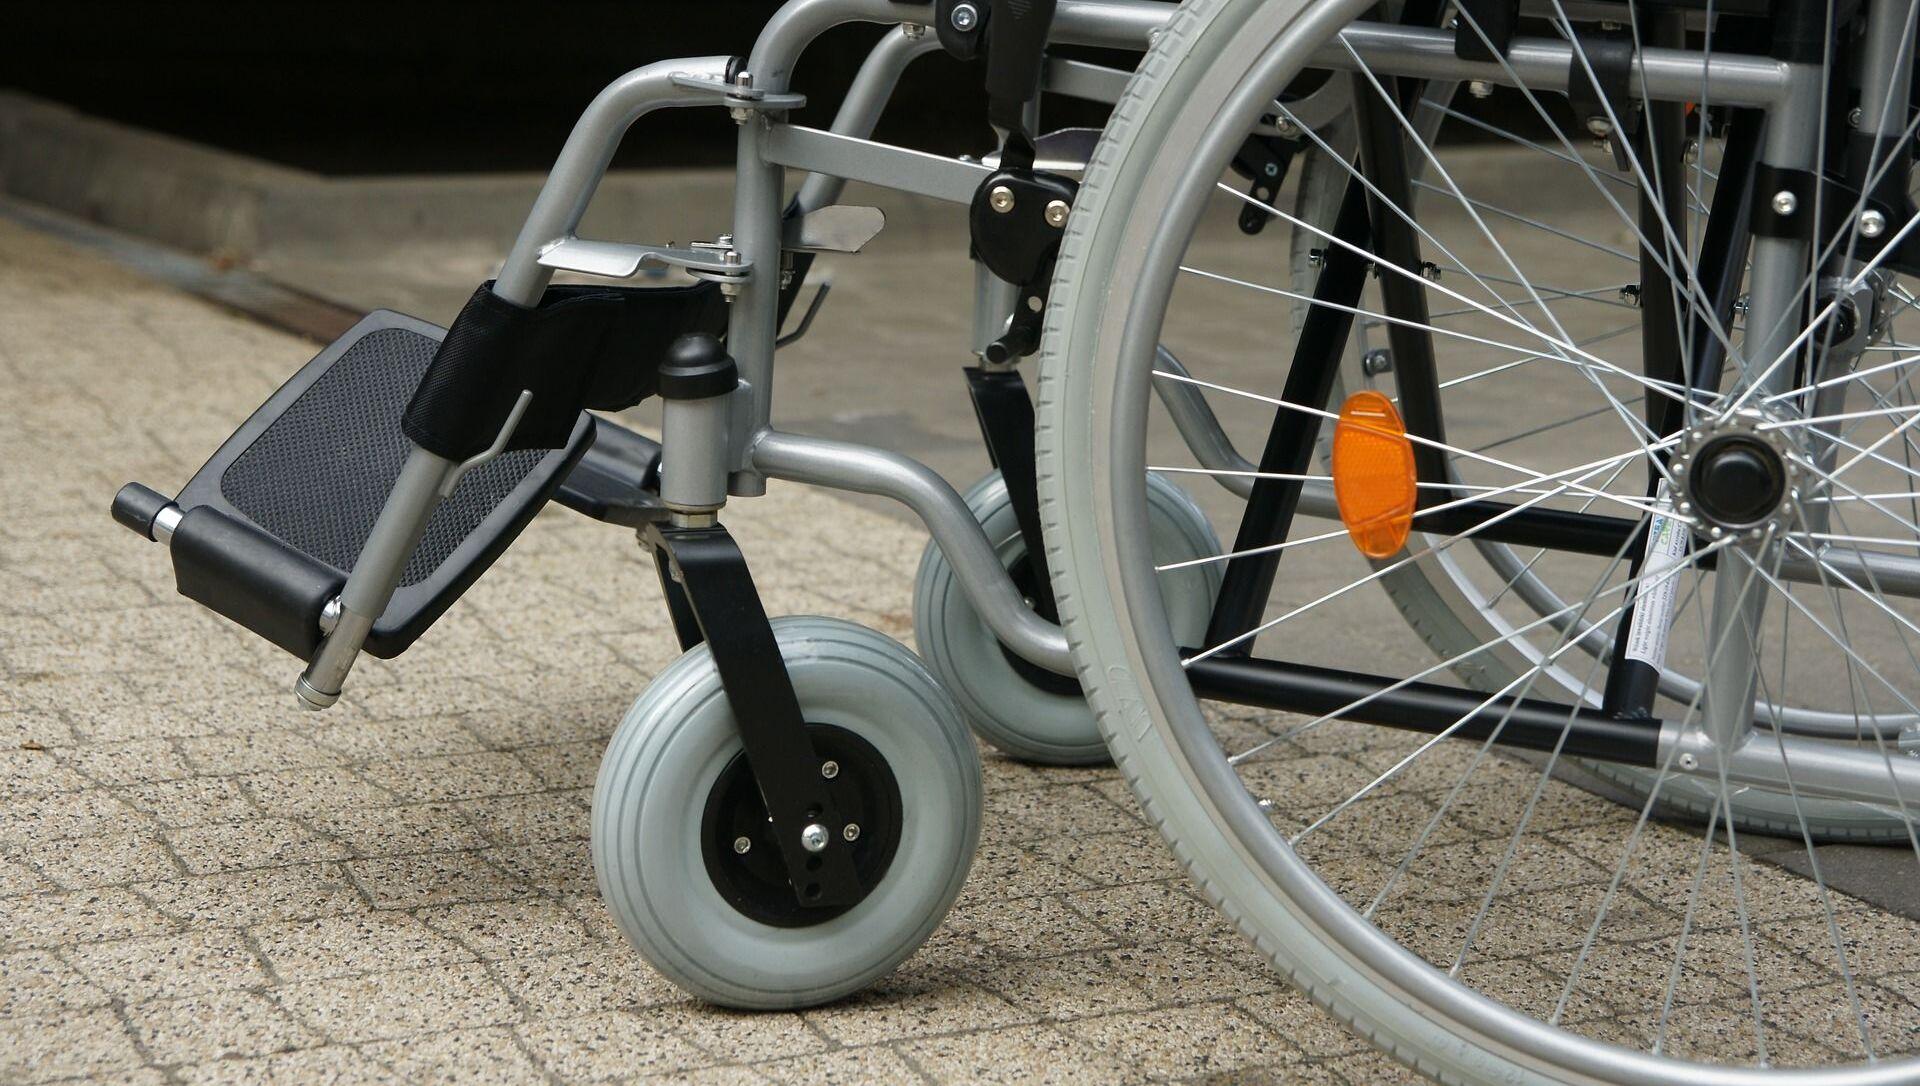 un fauteuil roulant - Sputnik France, 1920, 28.07.2021